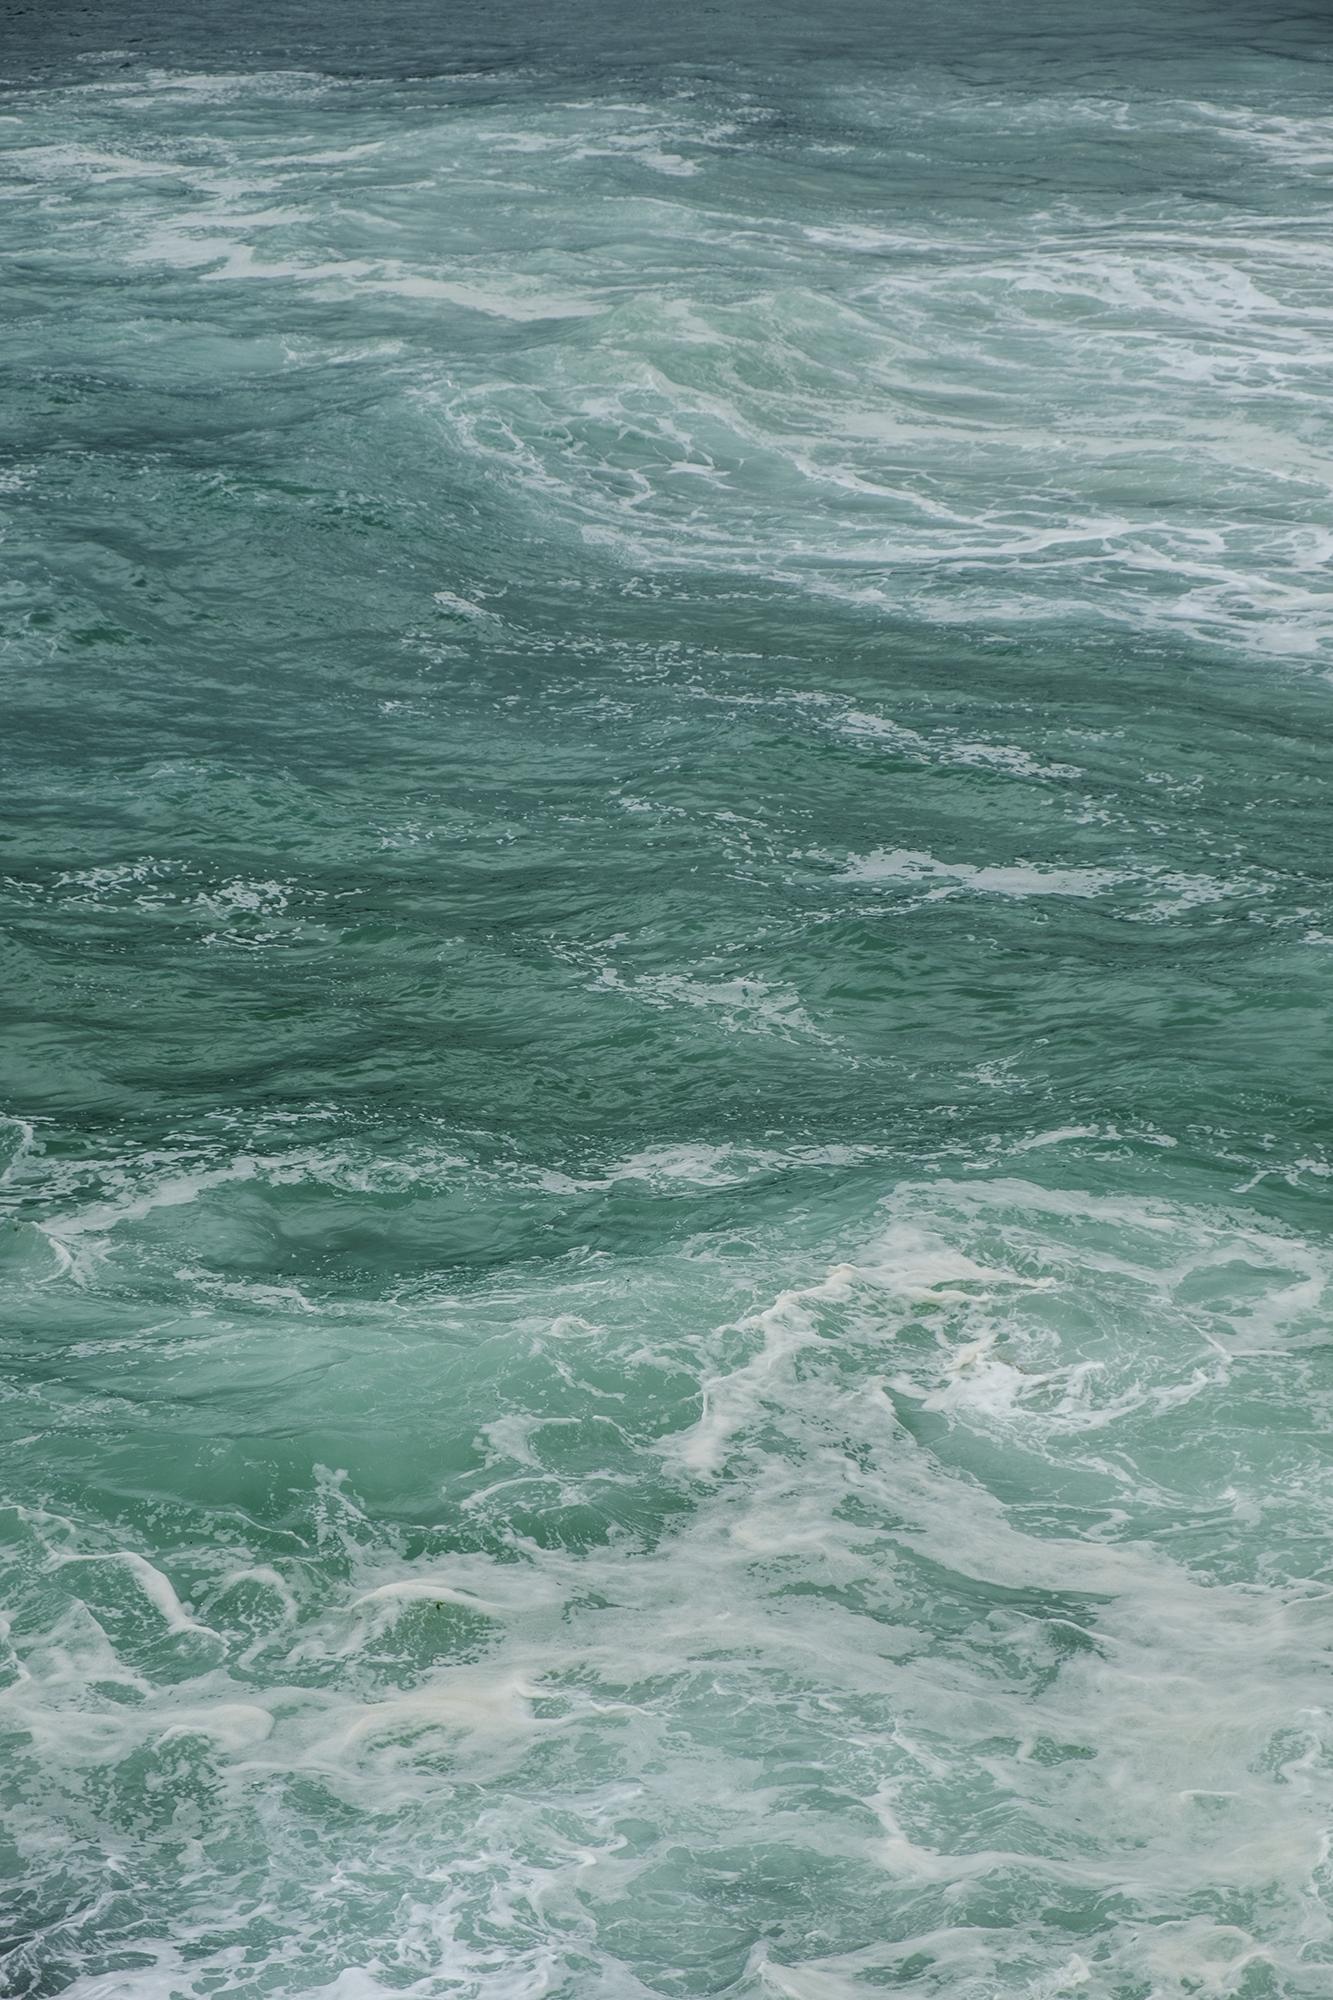 Oceano s.jpg